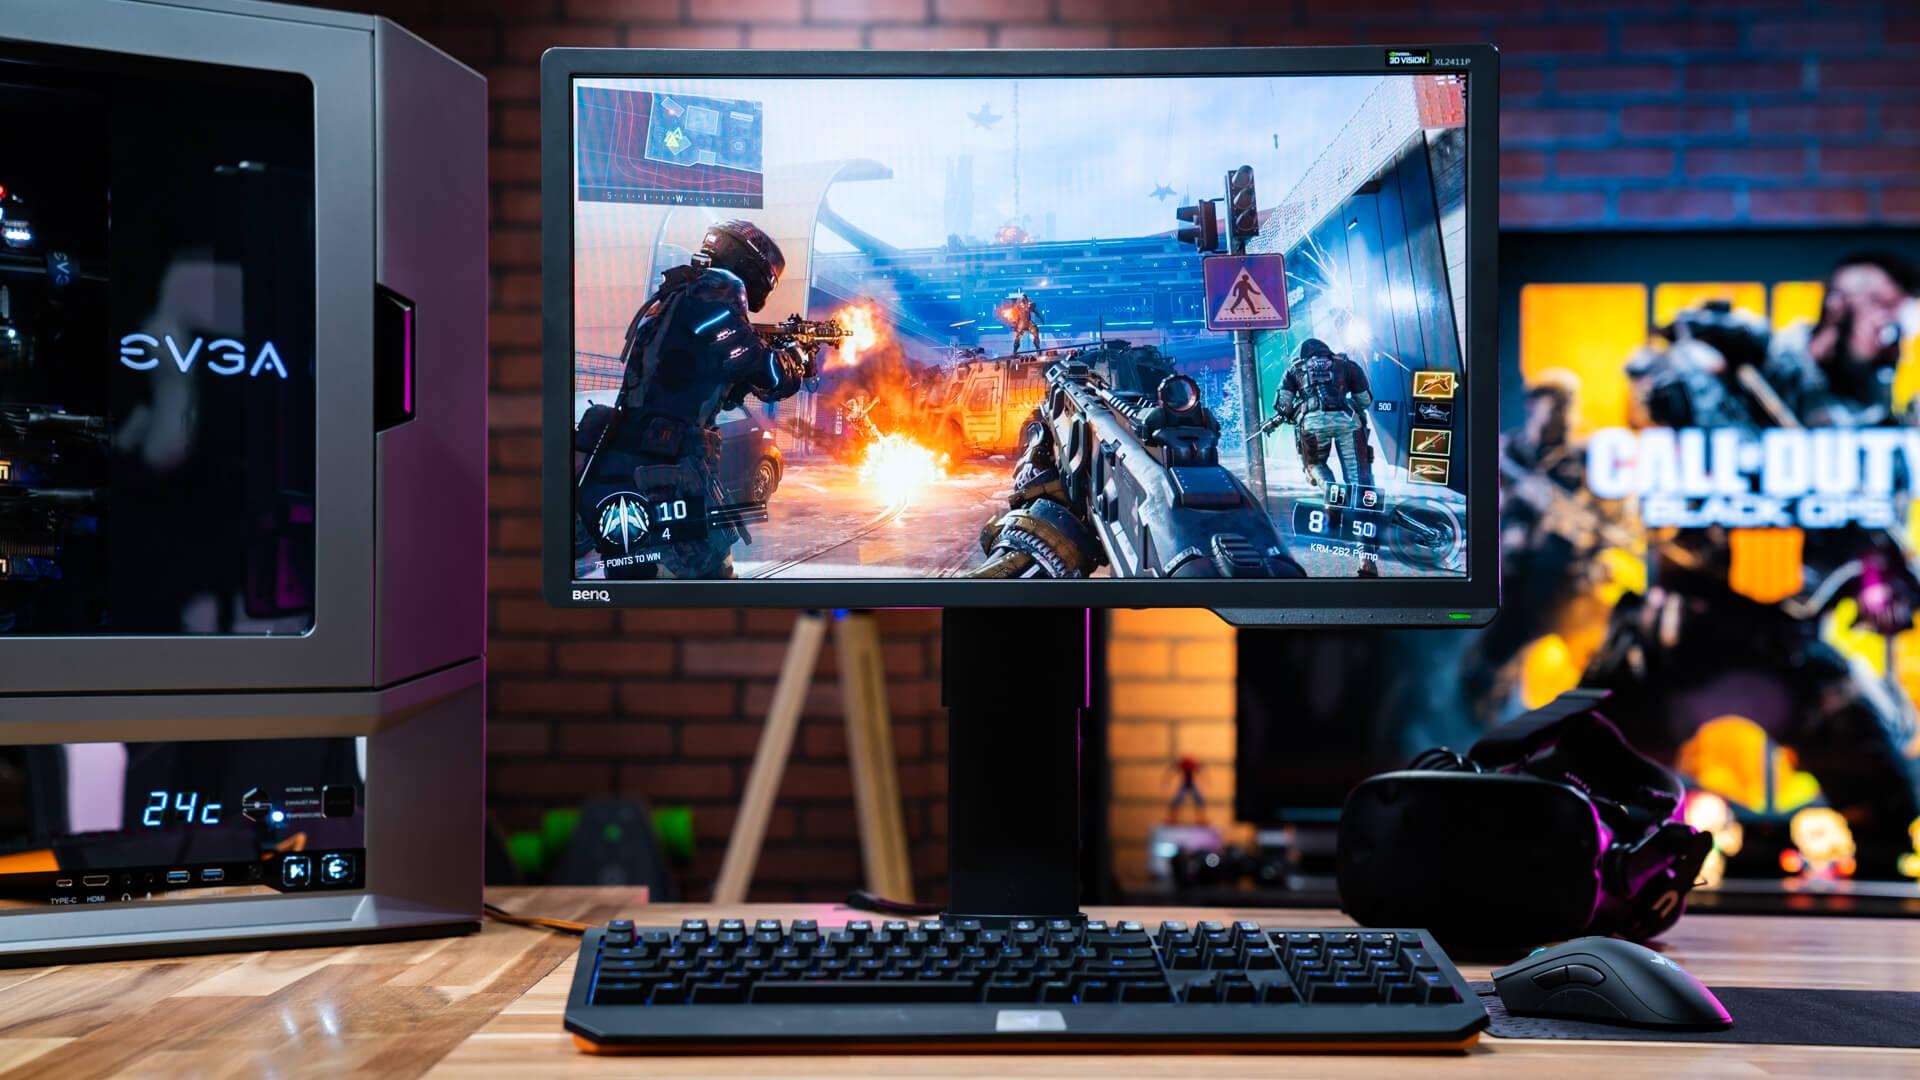 على شاشىة الشاشة الكمبيوتر سلامة العاب الفيديو